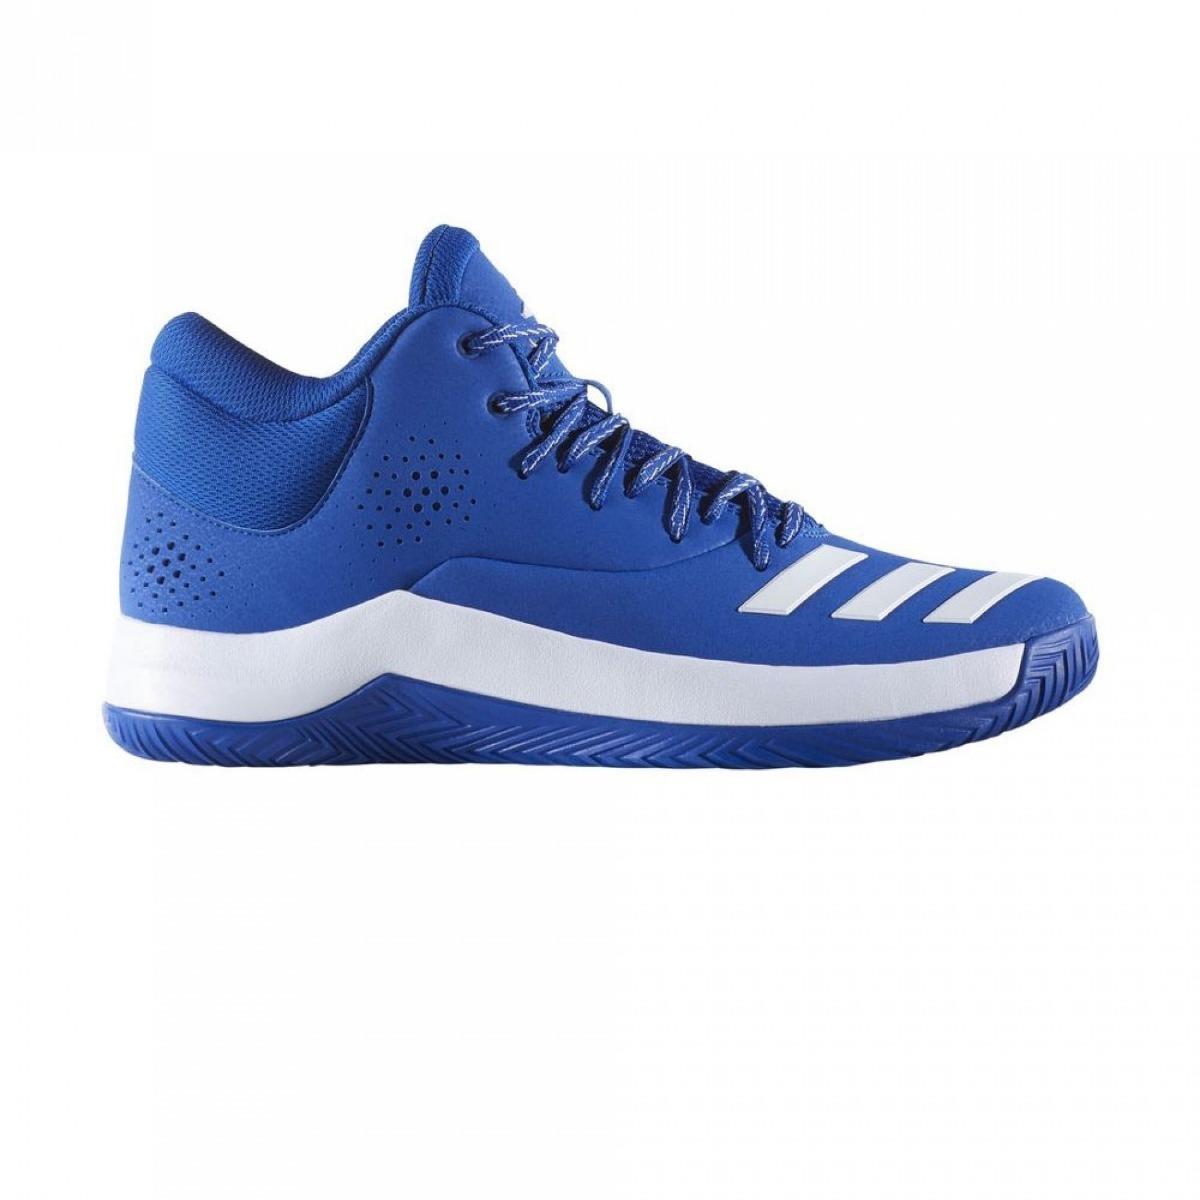 59d52bda00d botas de basket adidas court fury   brand sports. Cargando zoom.